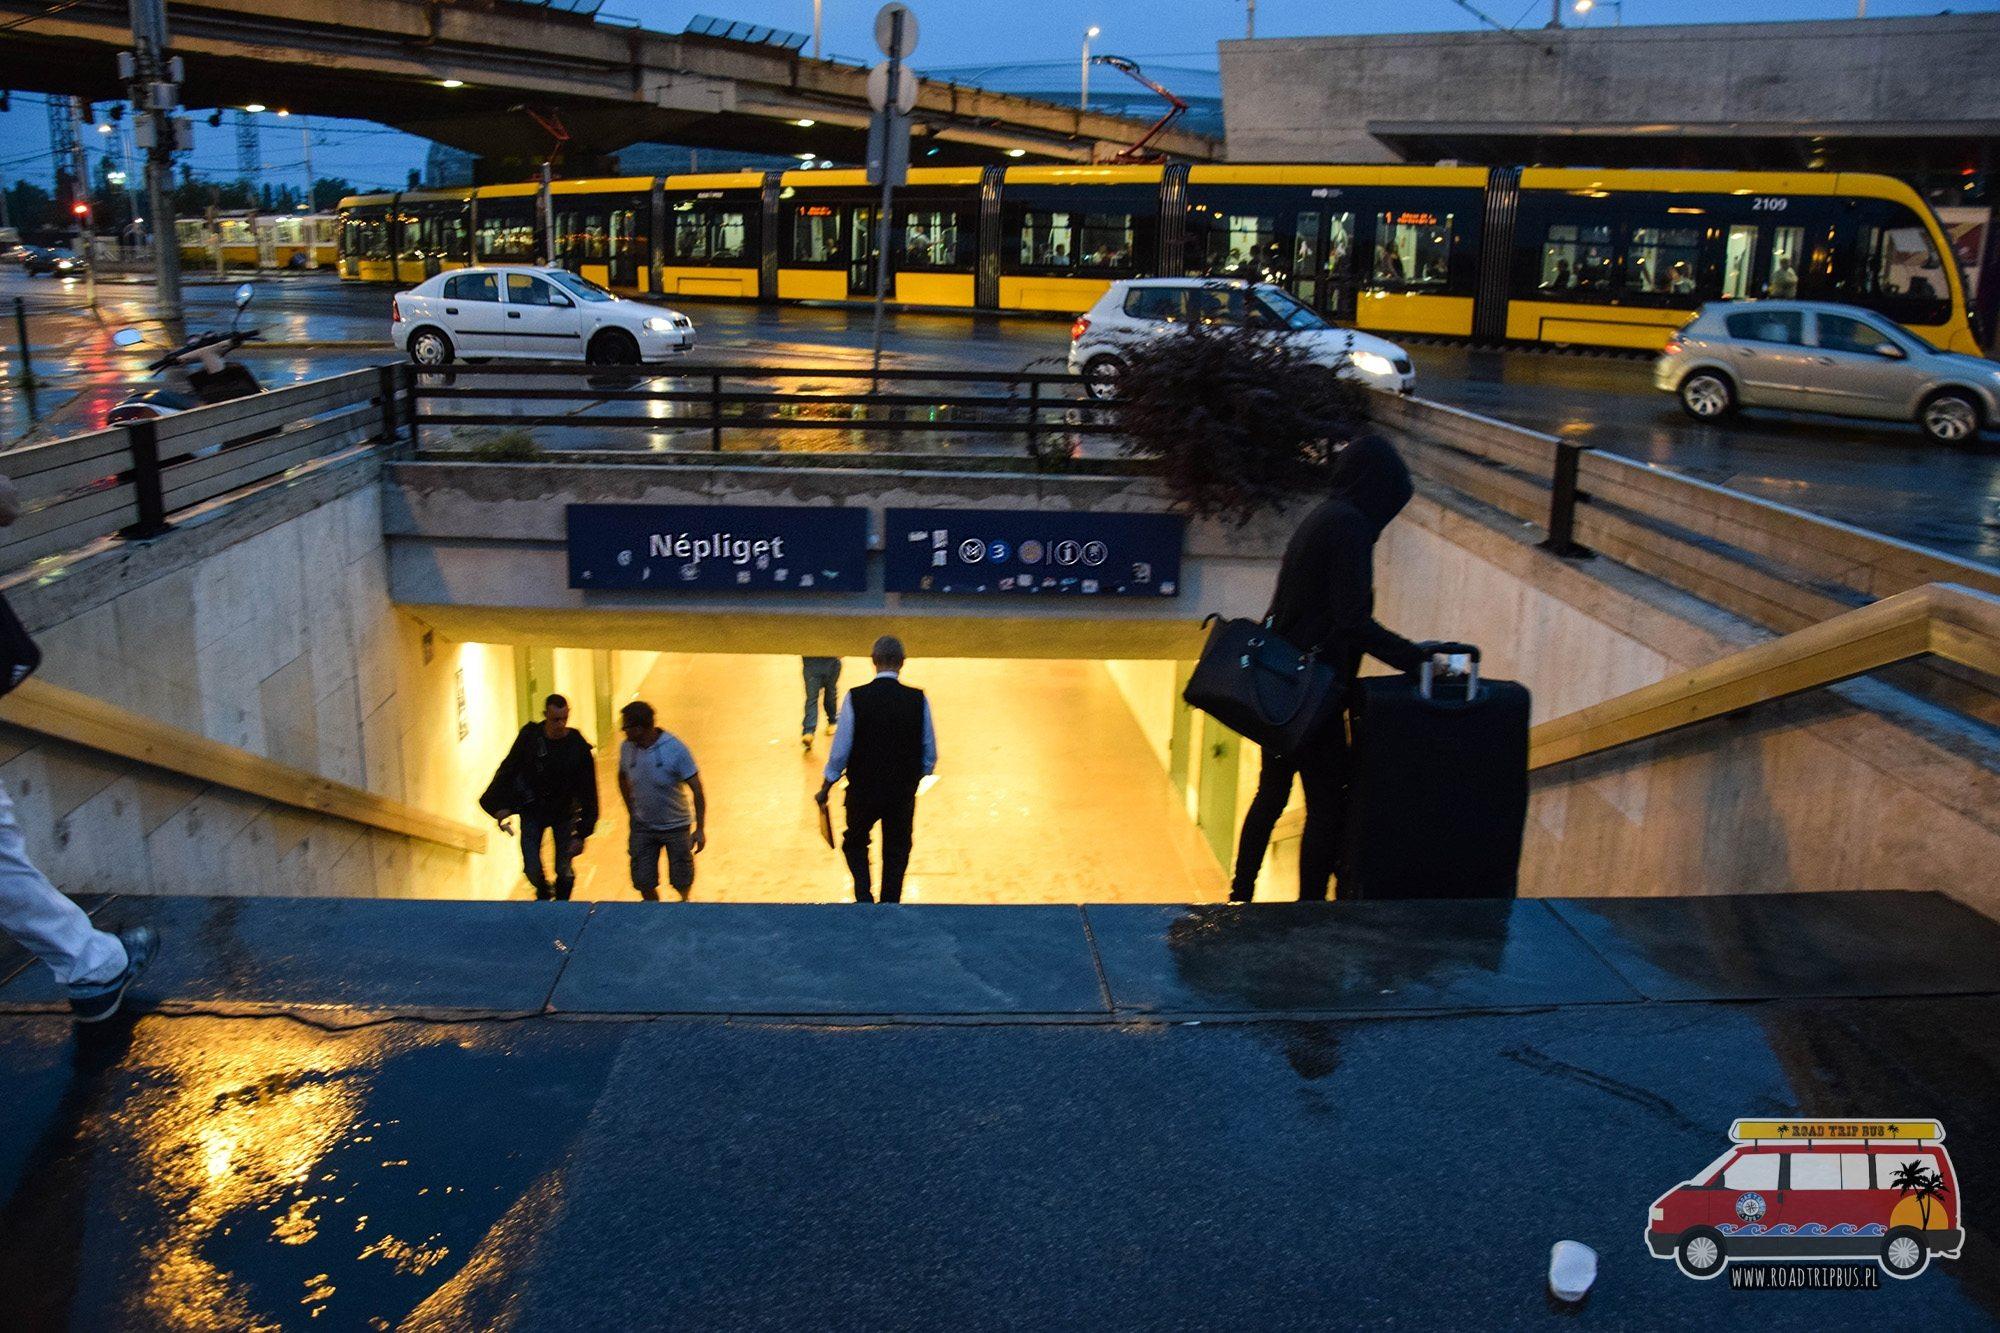 metro nepliget